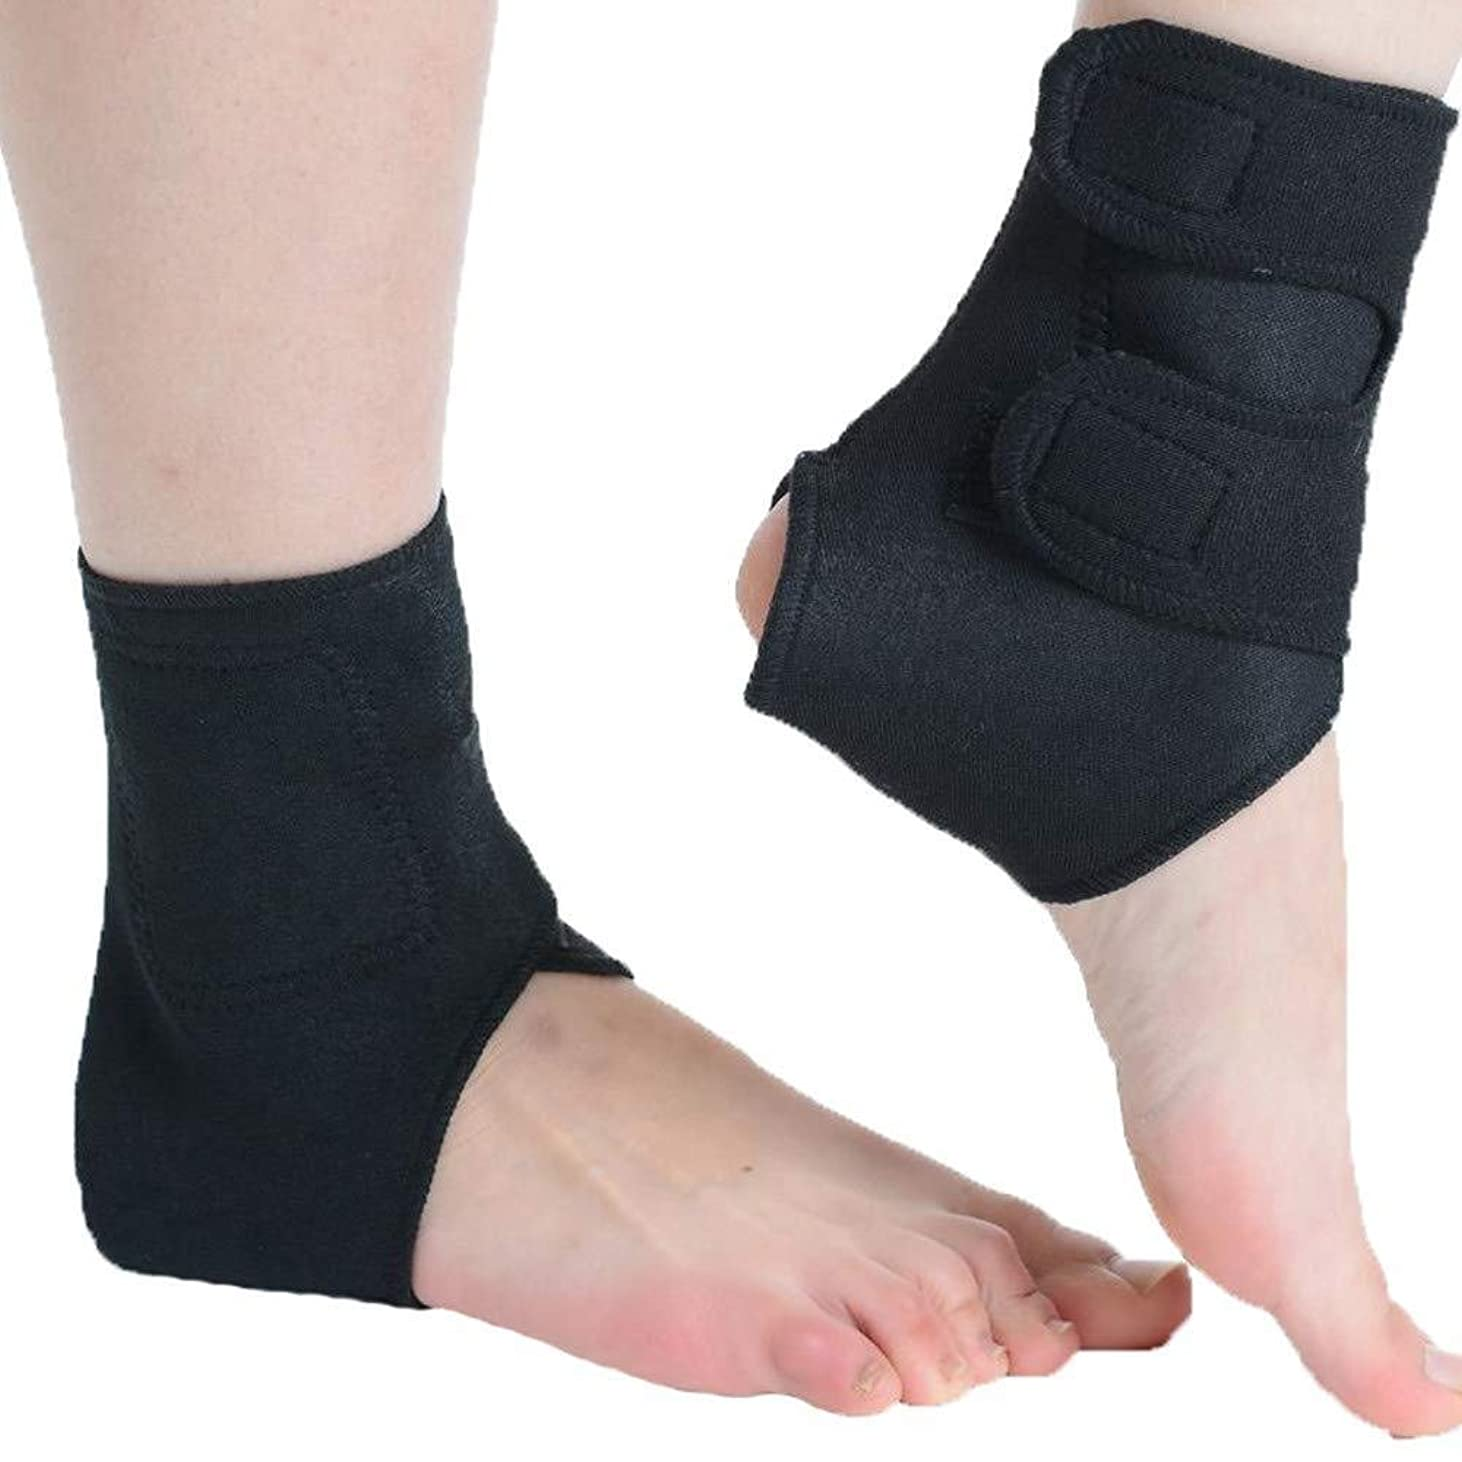 図公然とのためにつま先セパレーター、歩行、ランニング、休息、つま先パッド用の矯正用つま先セパレーター。足の痛みを和らげます